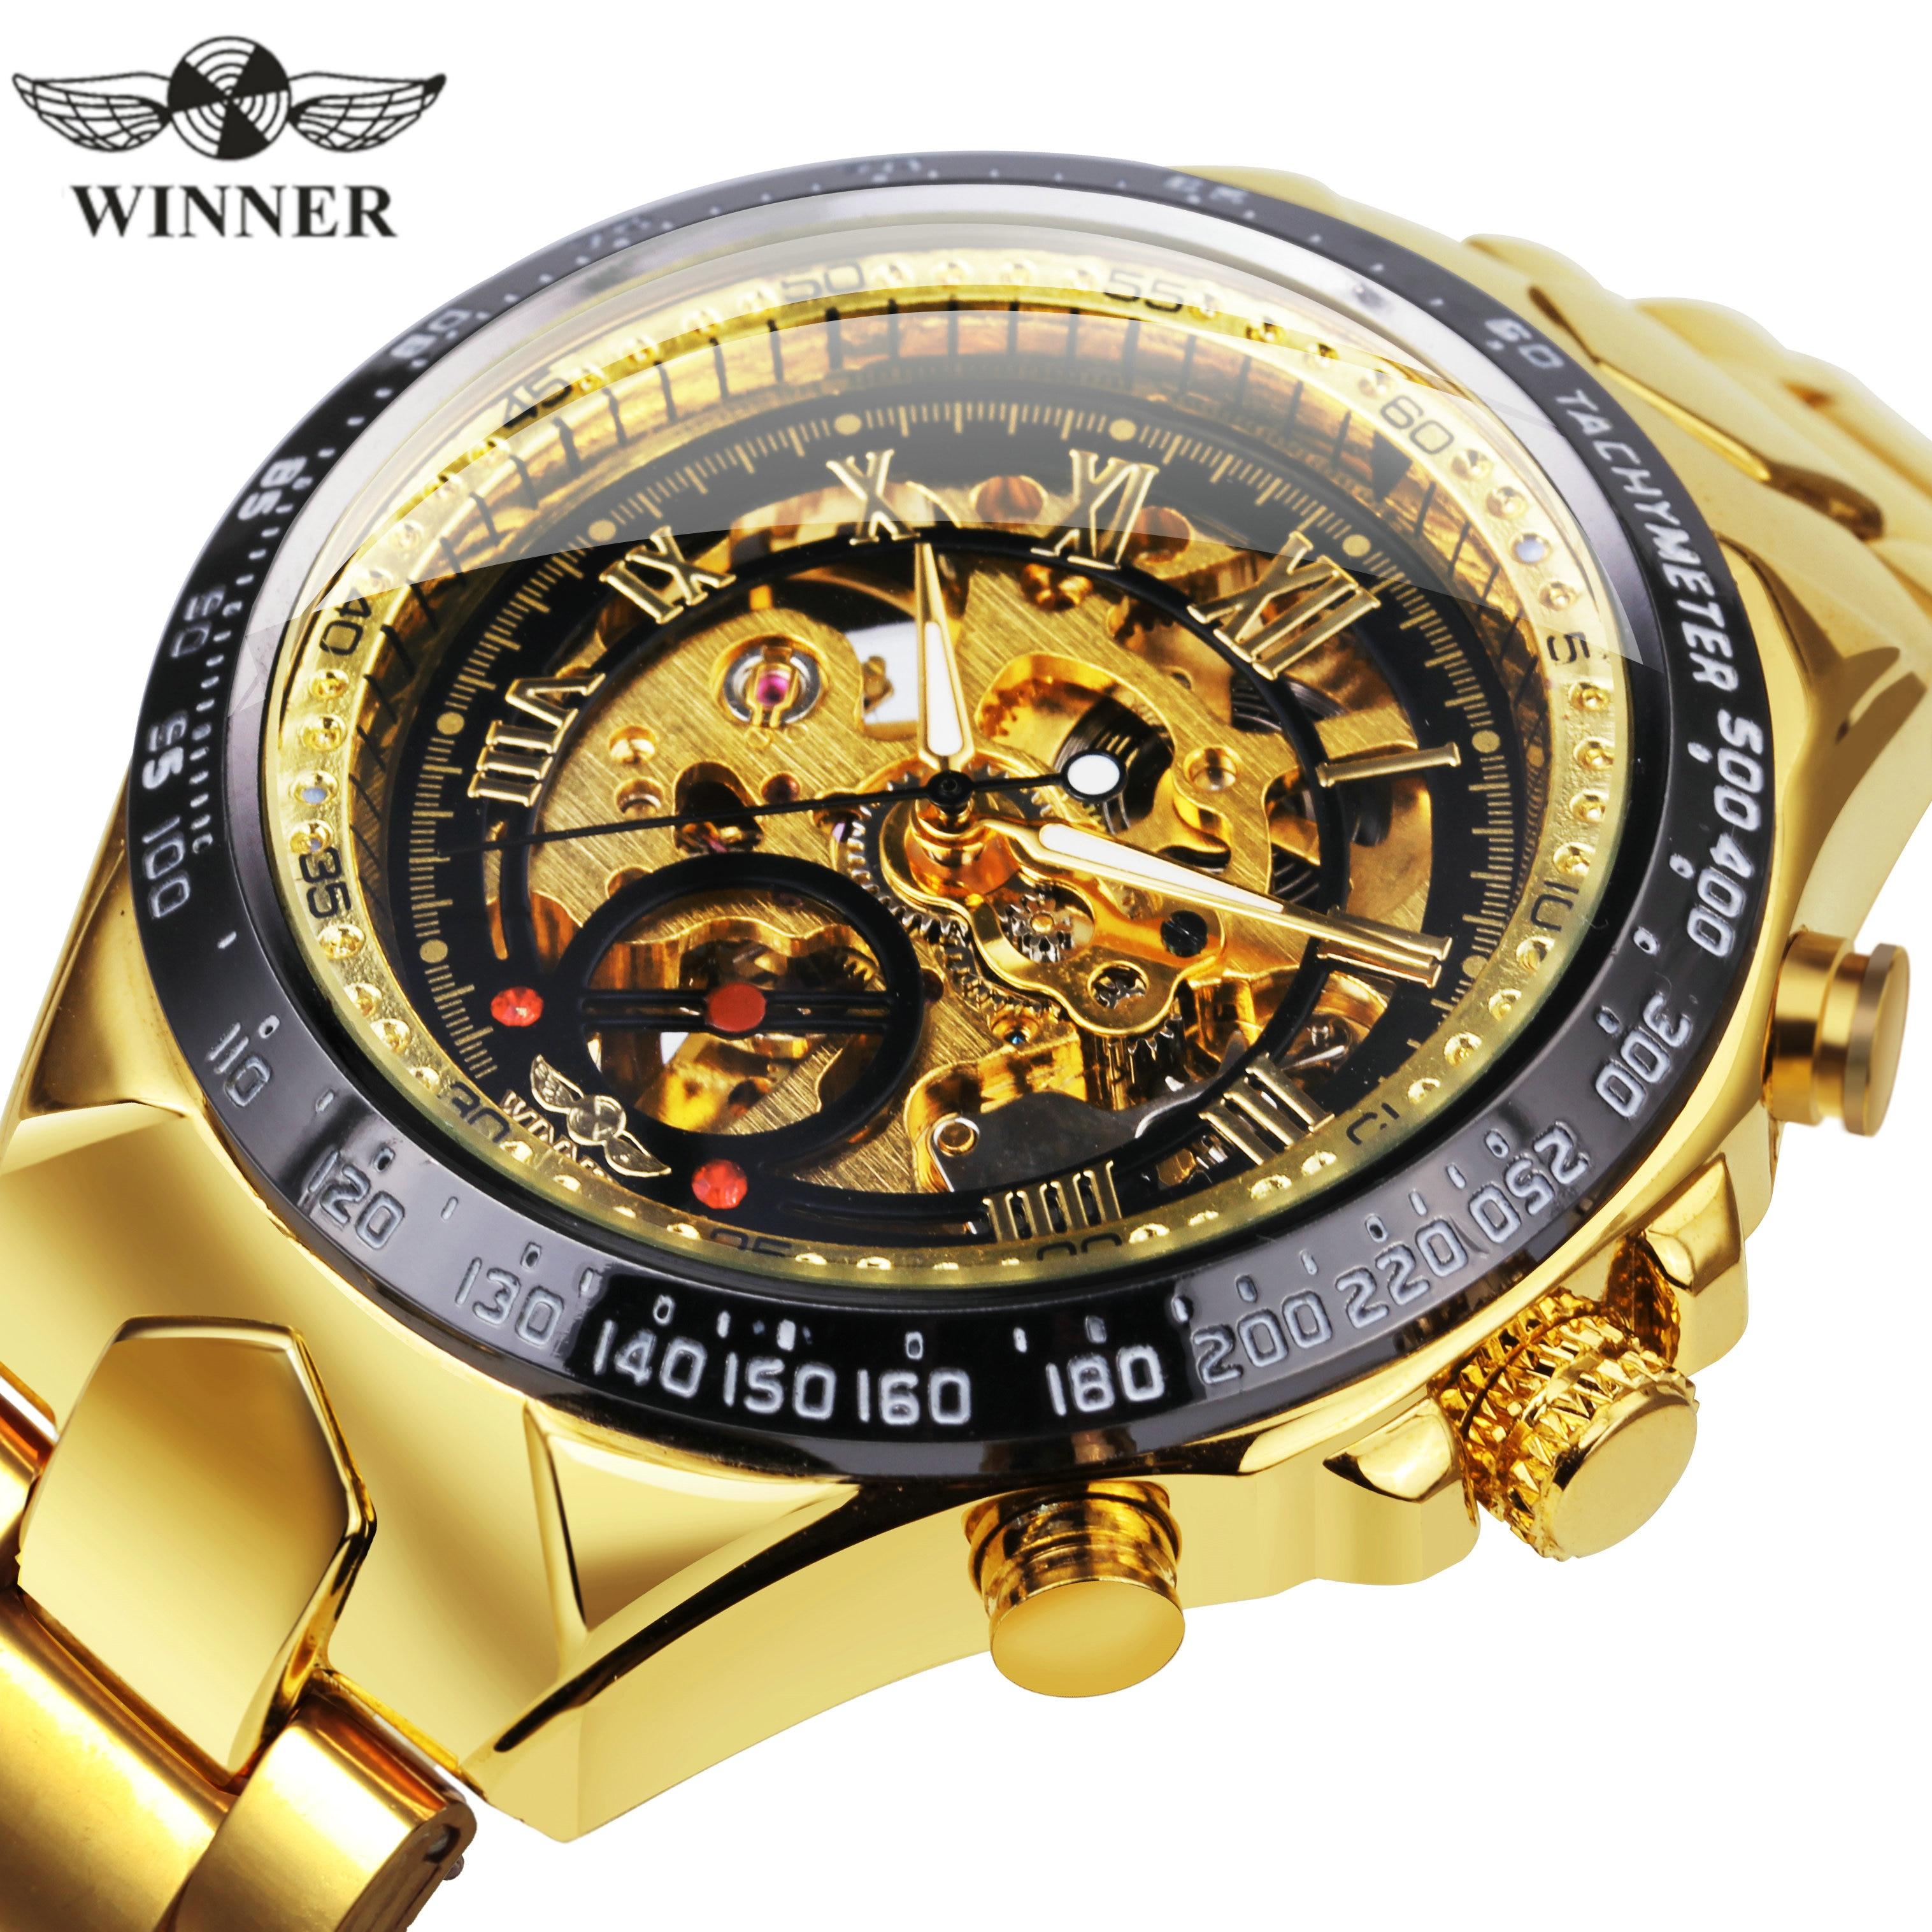 GEWINNER Offizielle Vintage Mode Männer Mechanische Uhren Metall Strap Top Marke Luxus Beste Verkauf Vintage Retro Armbanduhren + BOX